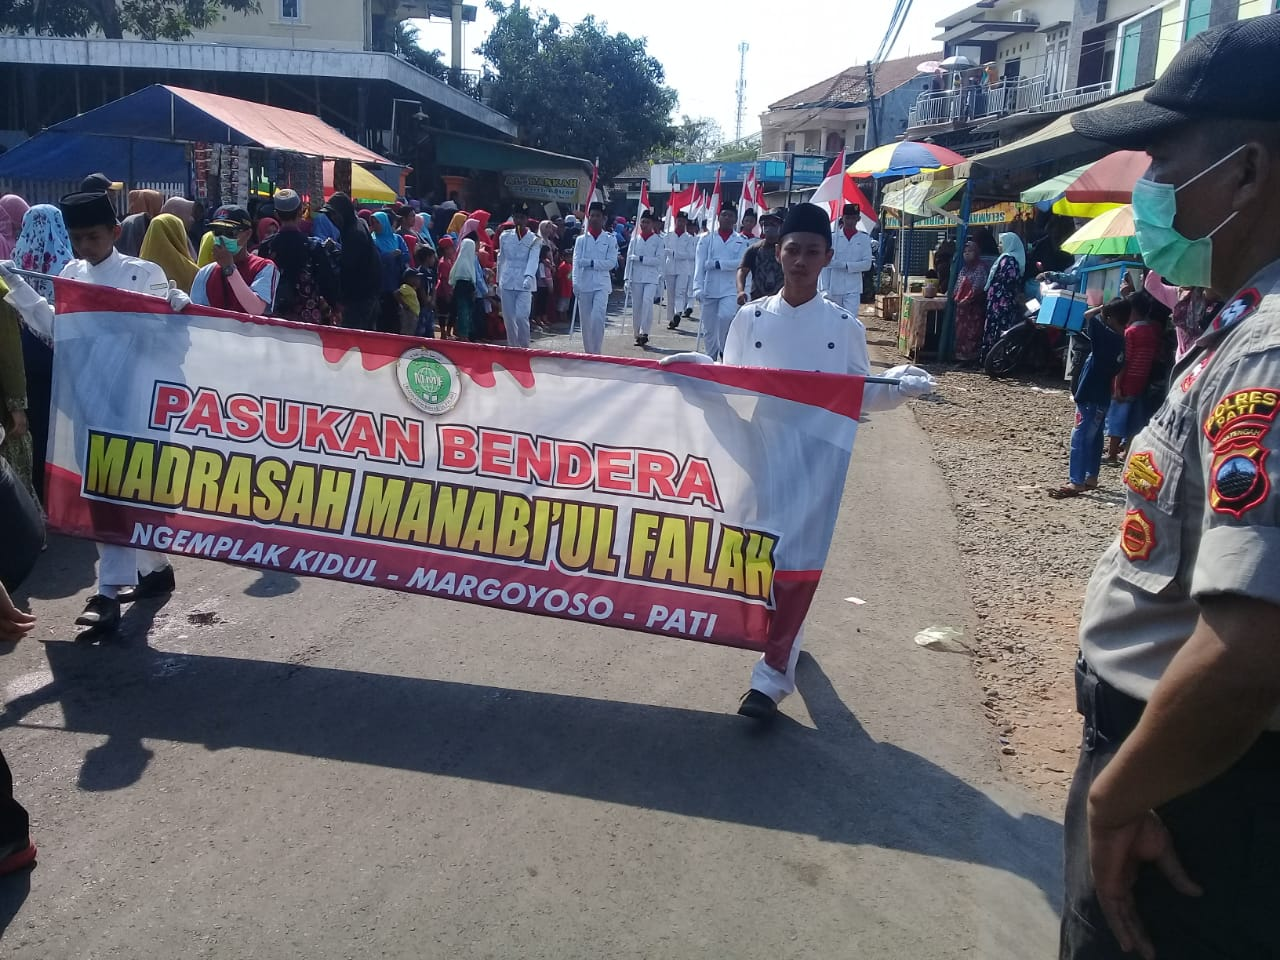 Anggota Koramil Margoyoso Kawal Karnaval Budaya